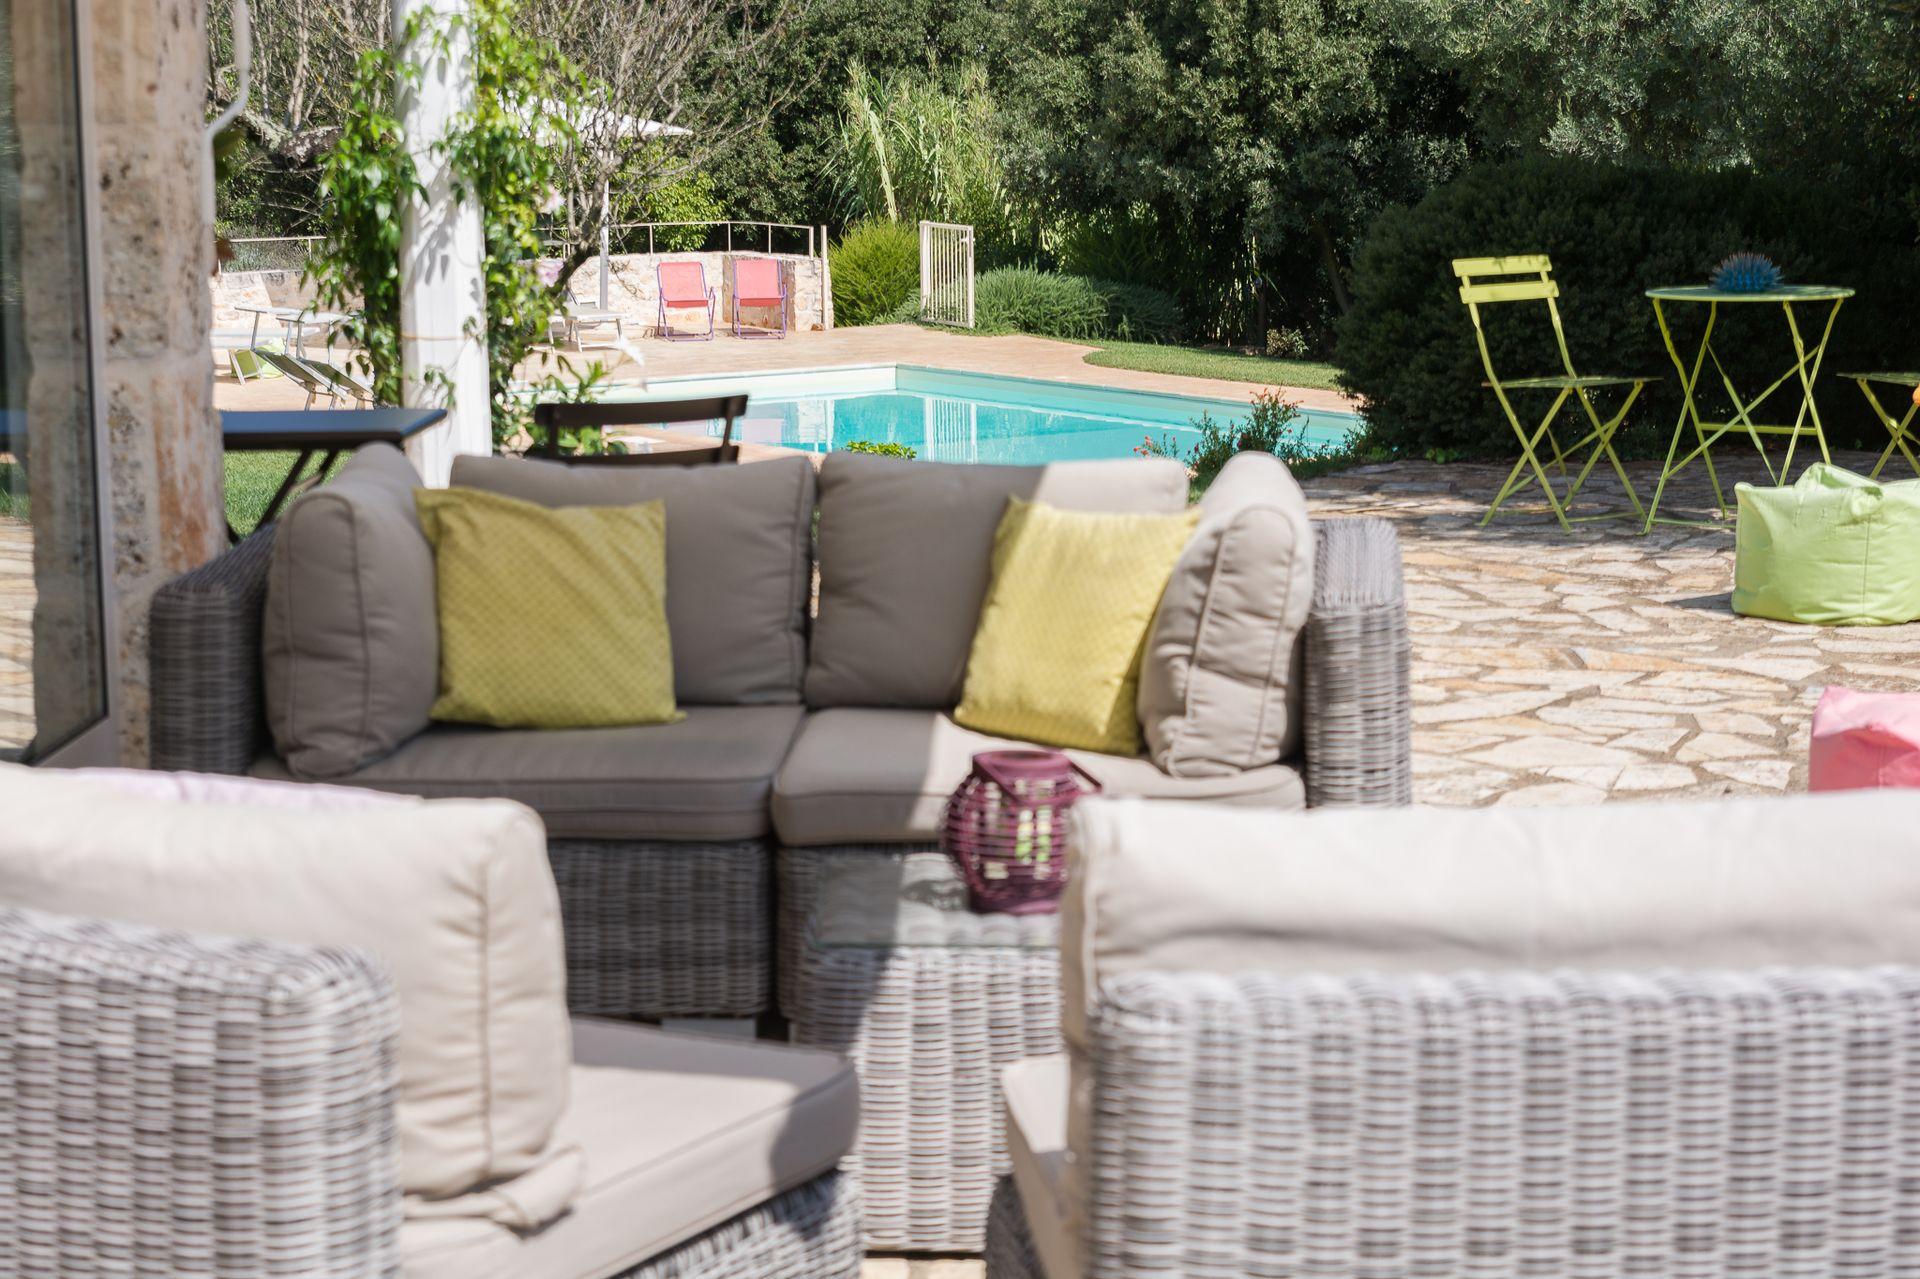 Trullo Petrelli Location De Vacances - Couchages 6 Dans 3 ... concernant Auchan Table De Jardin